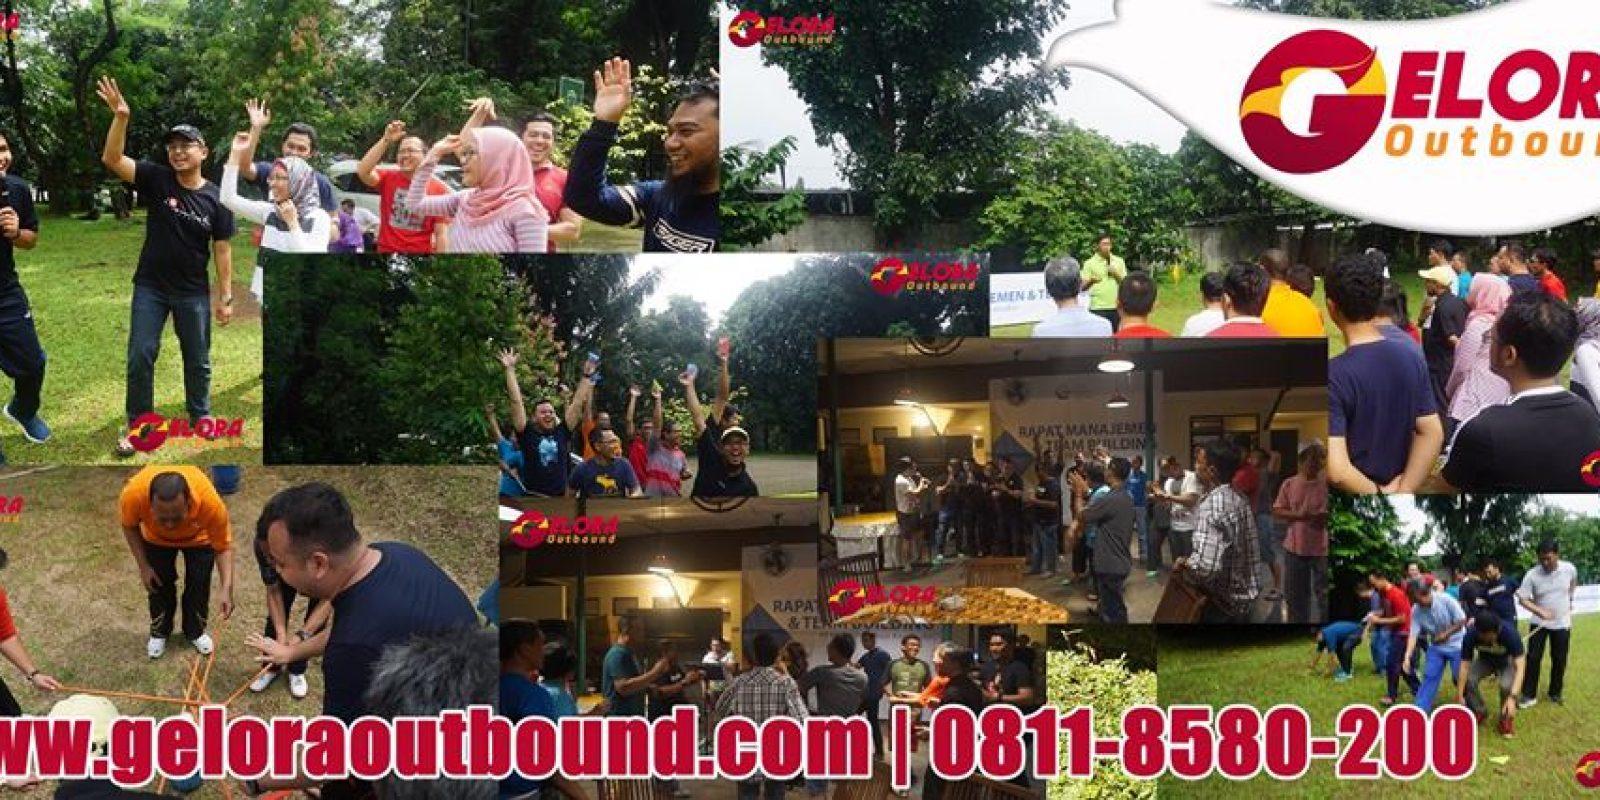 Tempat Outbound di Cico resort Sentul Bogor